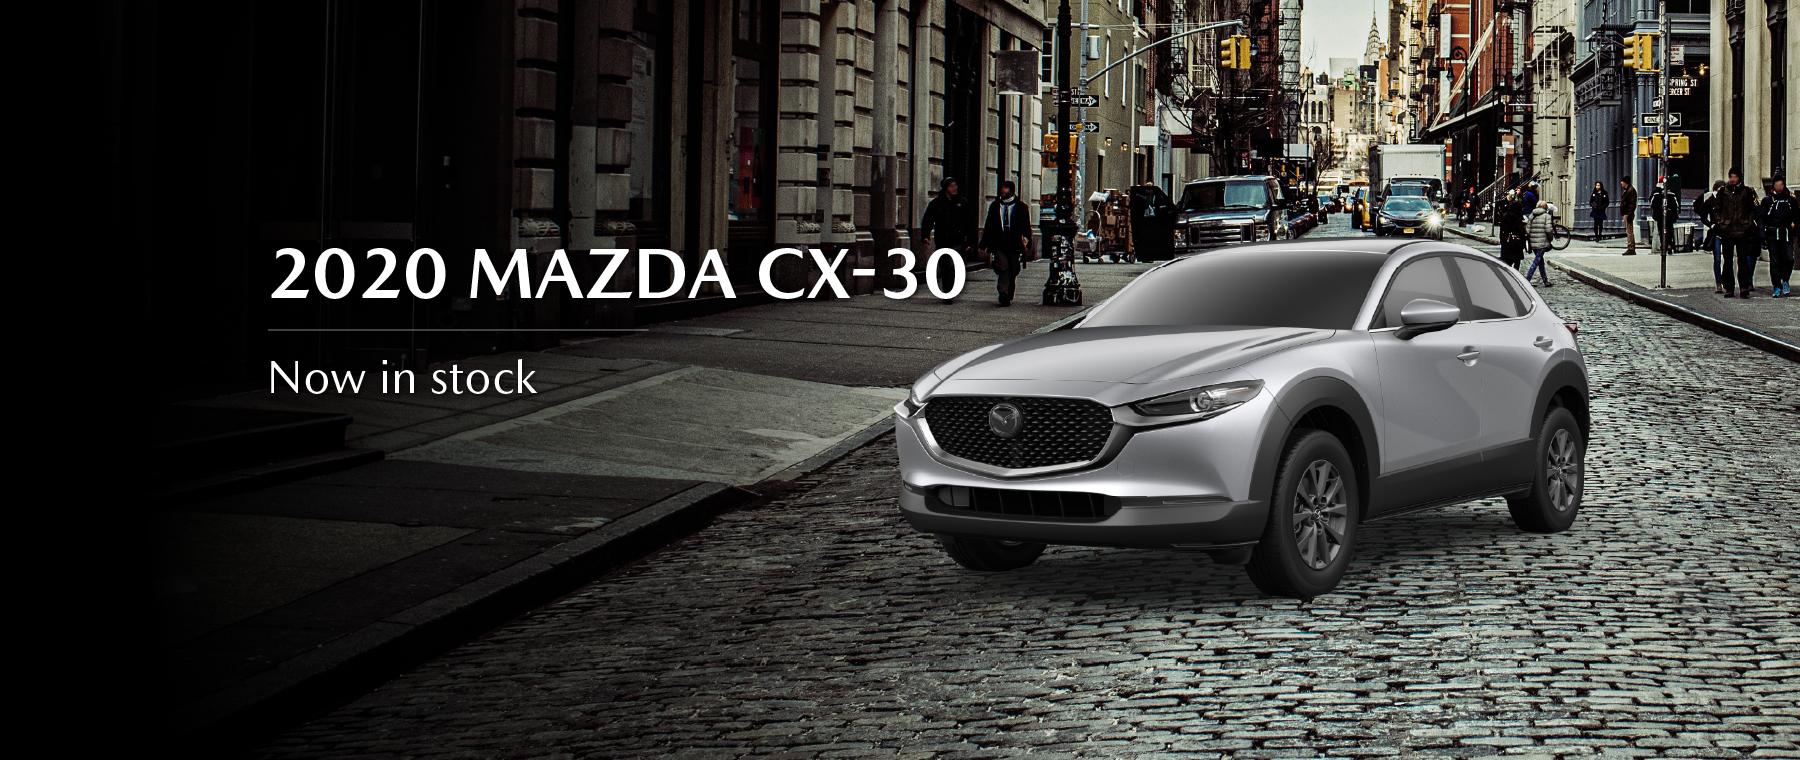 202 Mazda CX-30